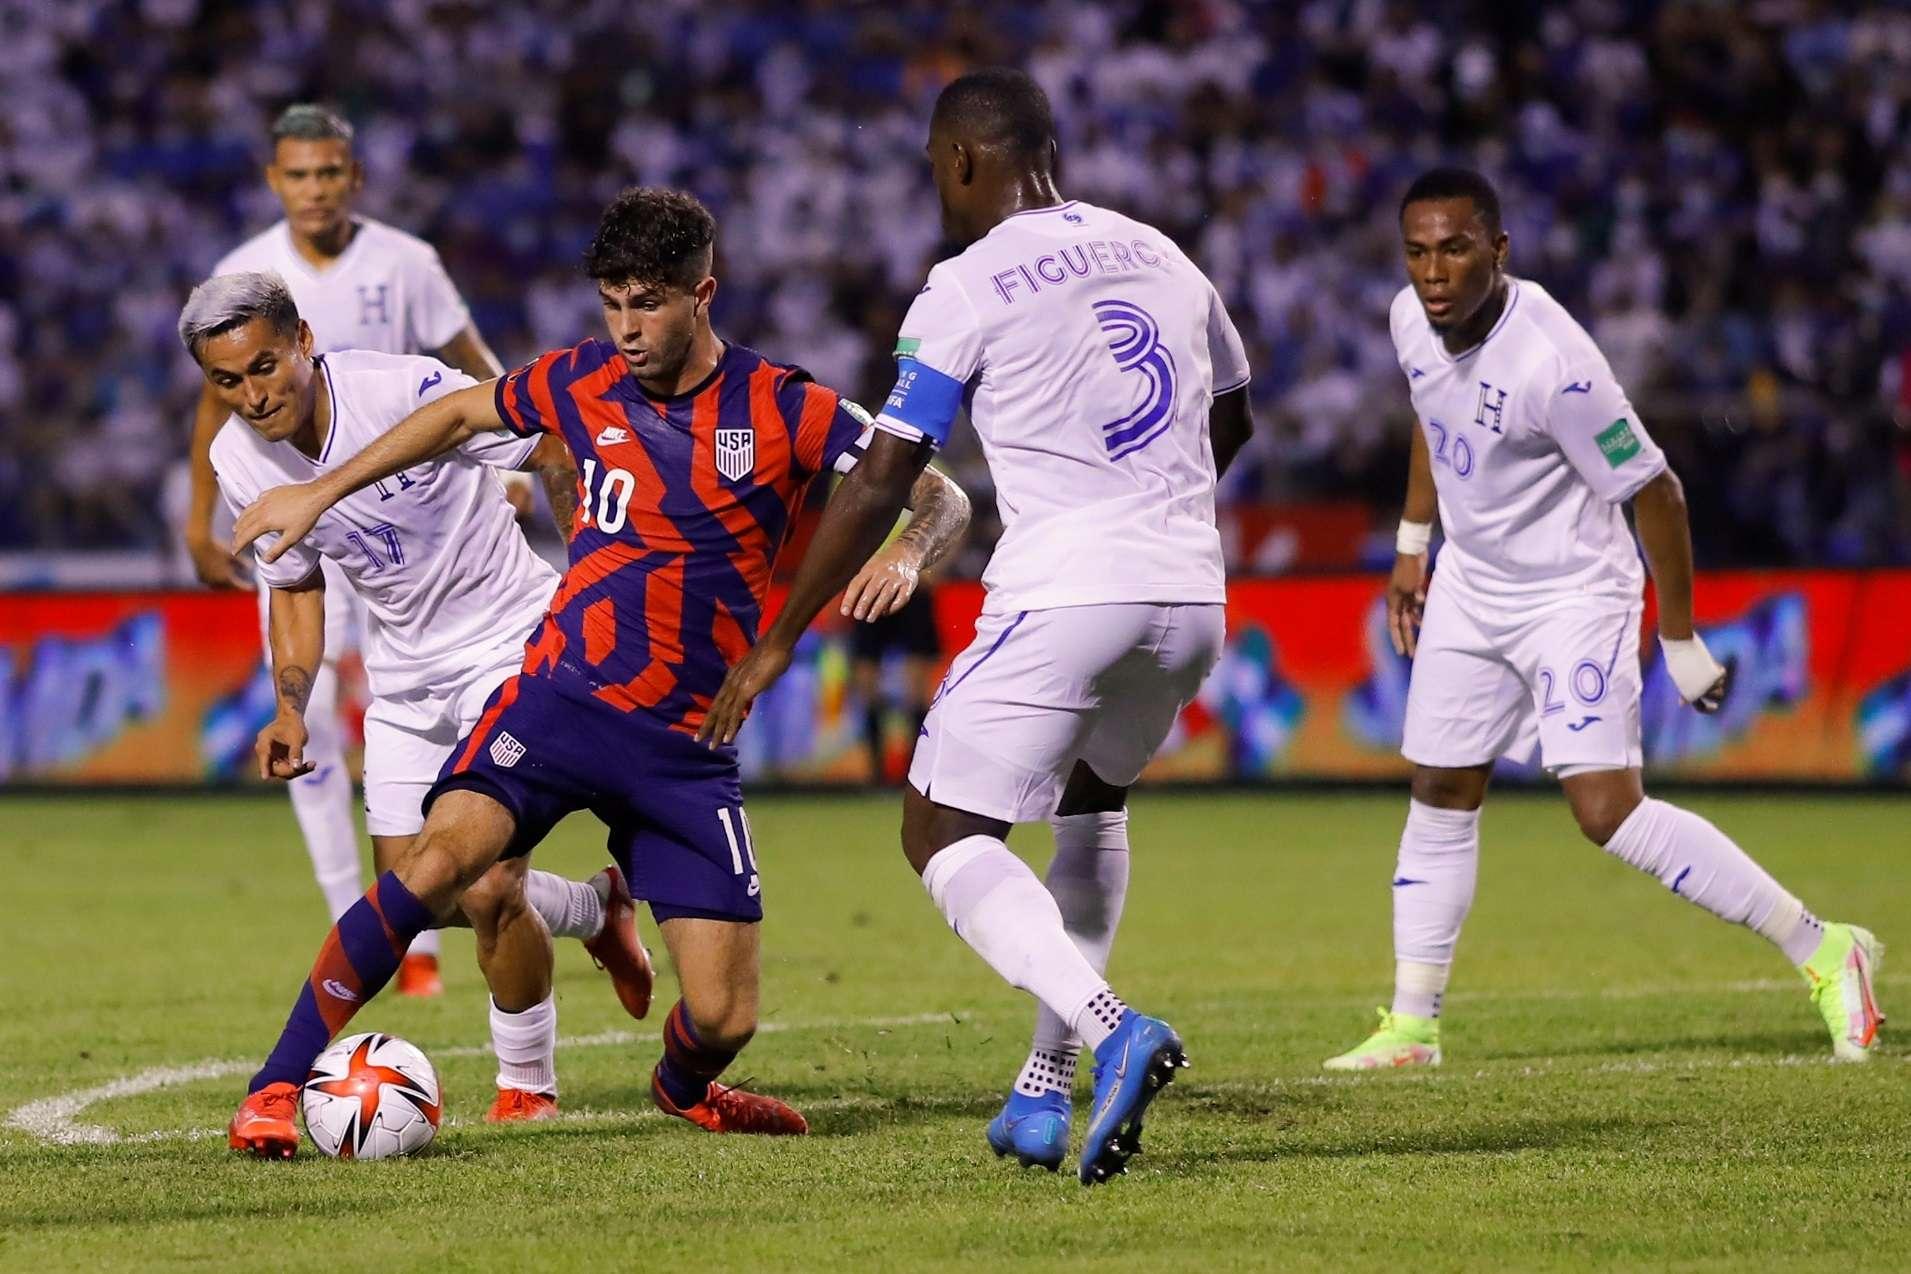 Maynor Figueroa (2-d) de Honduras disputa un balón con Christian Pulisic (c) de Estados Unidos. /EFE